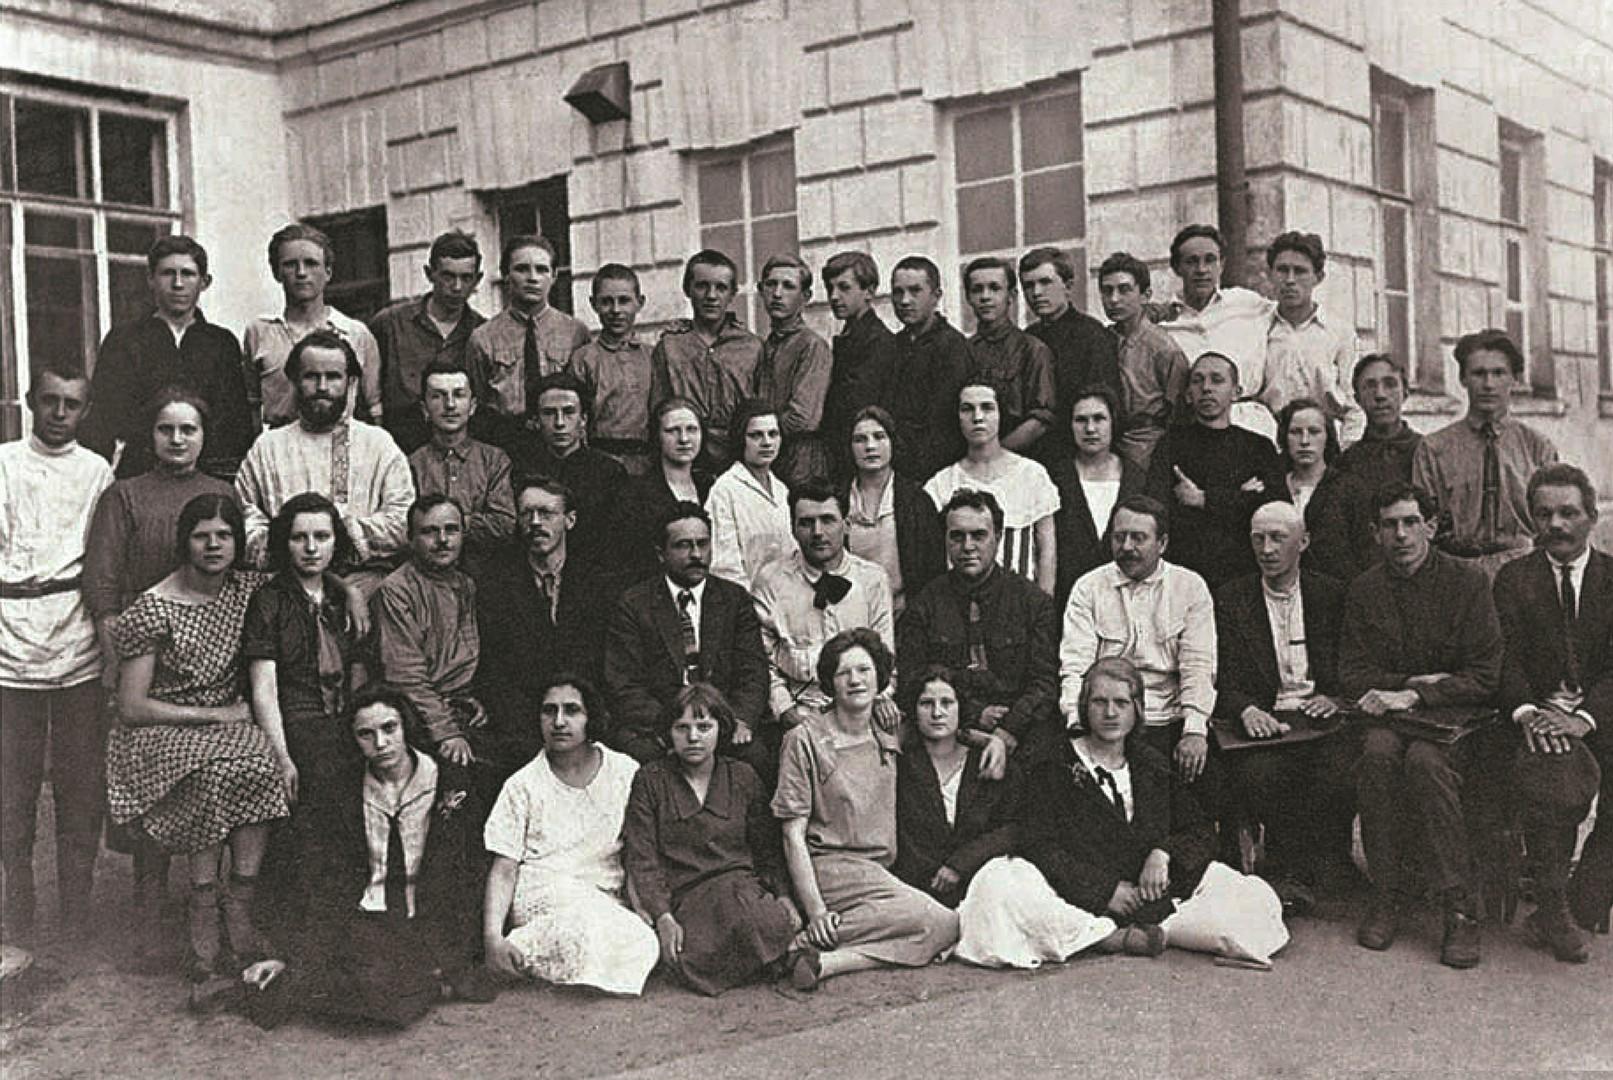 Николай Пилюгин (в верхнем ряду второй слева) с учителями и одноклассниками. Москва. 1925-1926 гг.